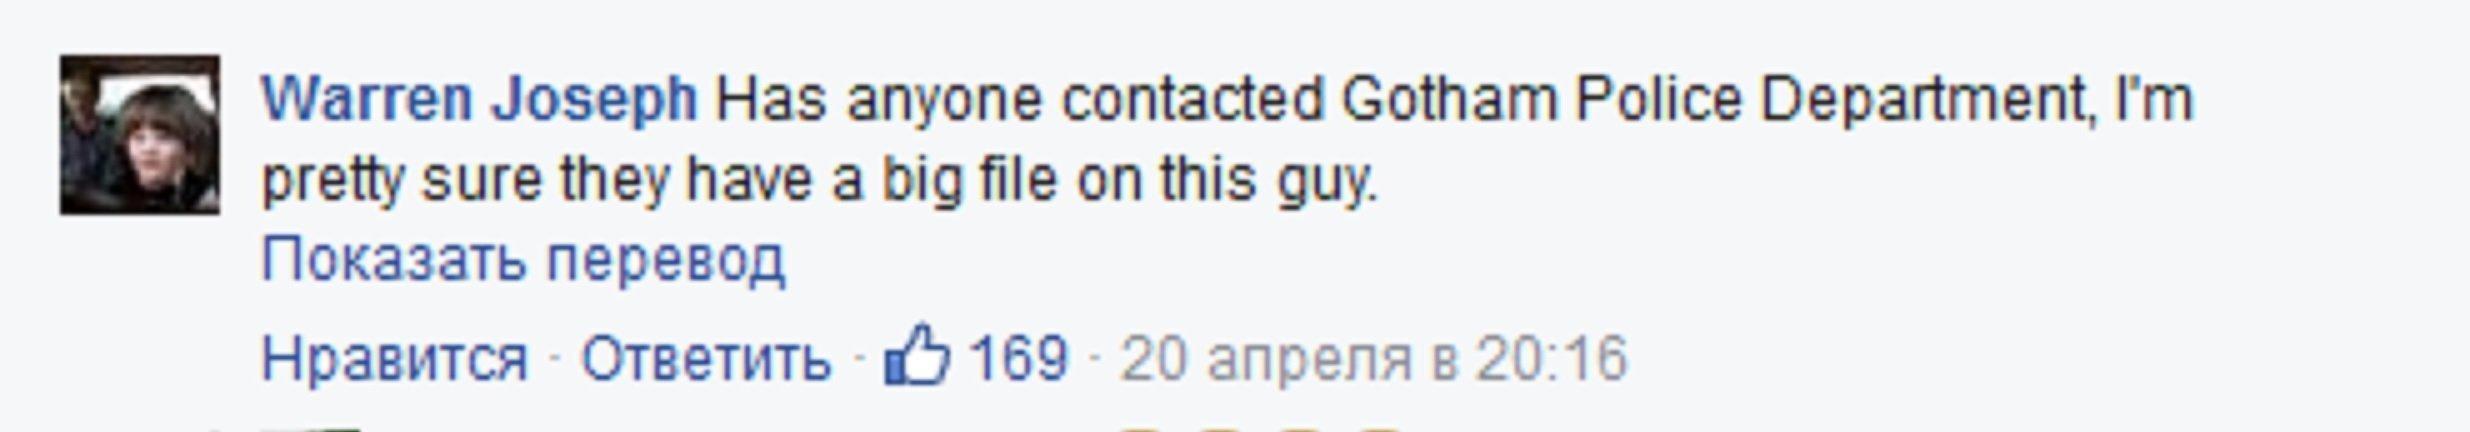 Le commentaire sur la page Facebook de Northamptonshire Police